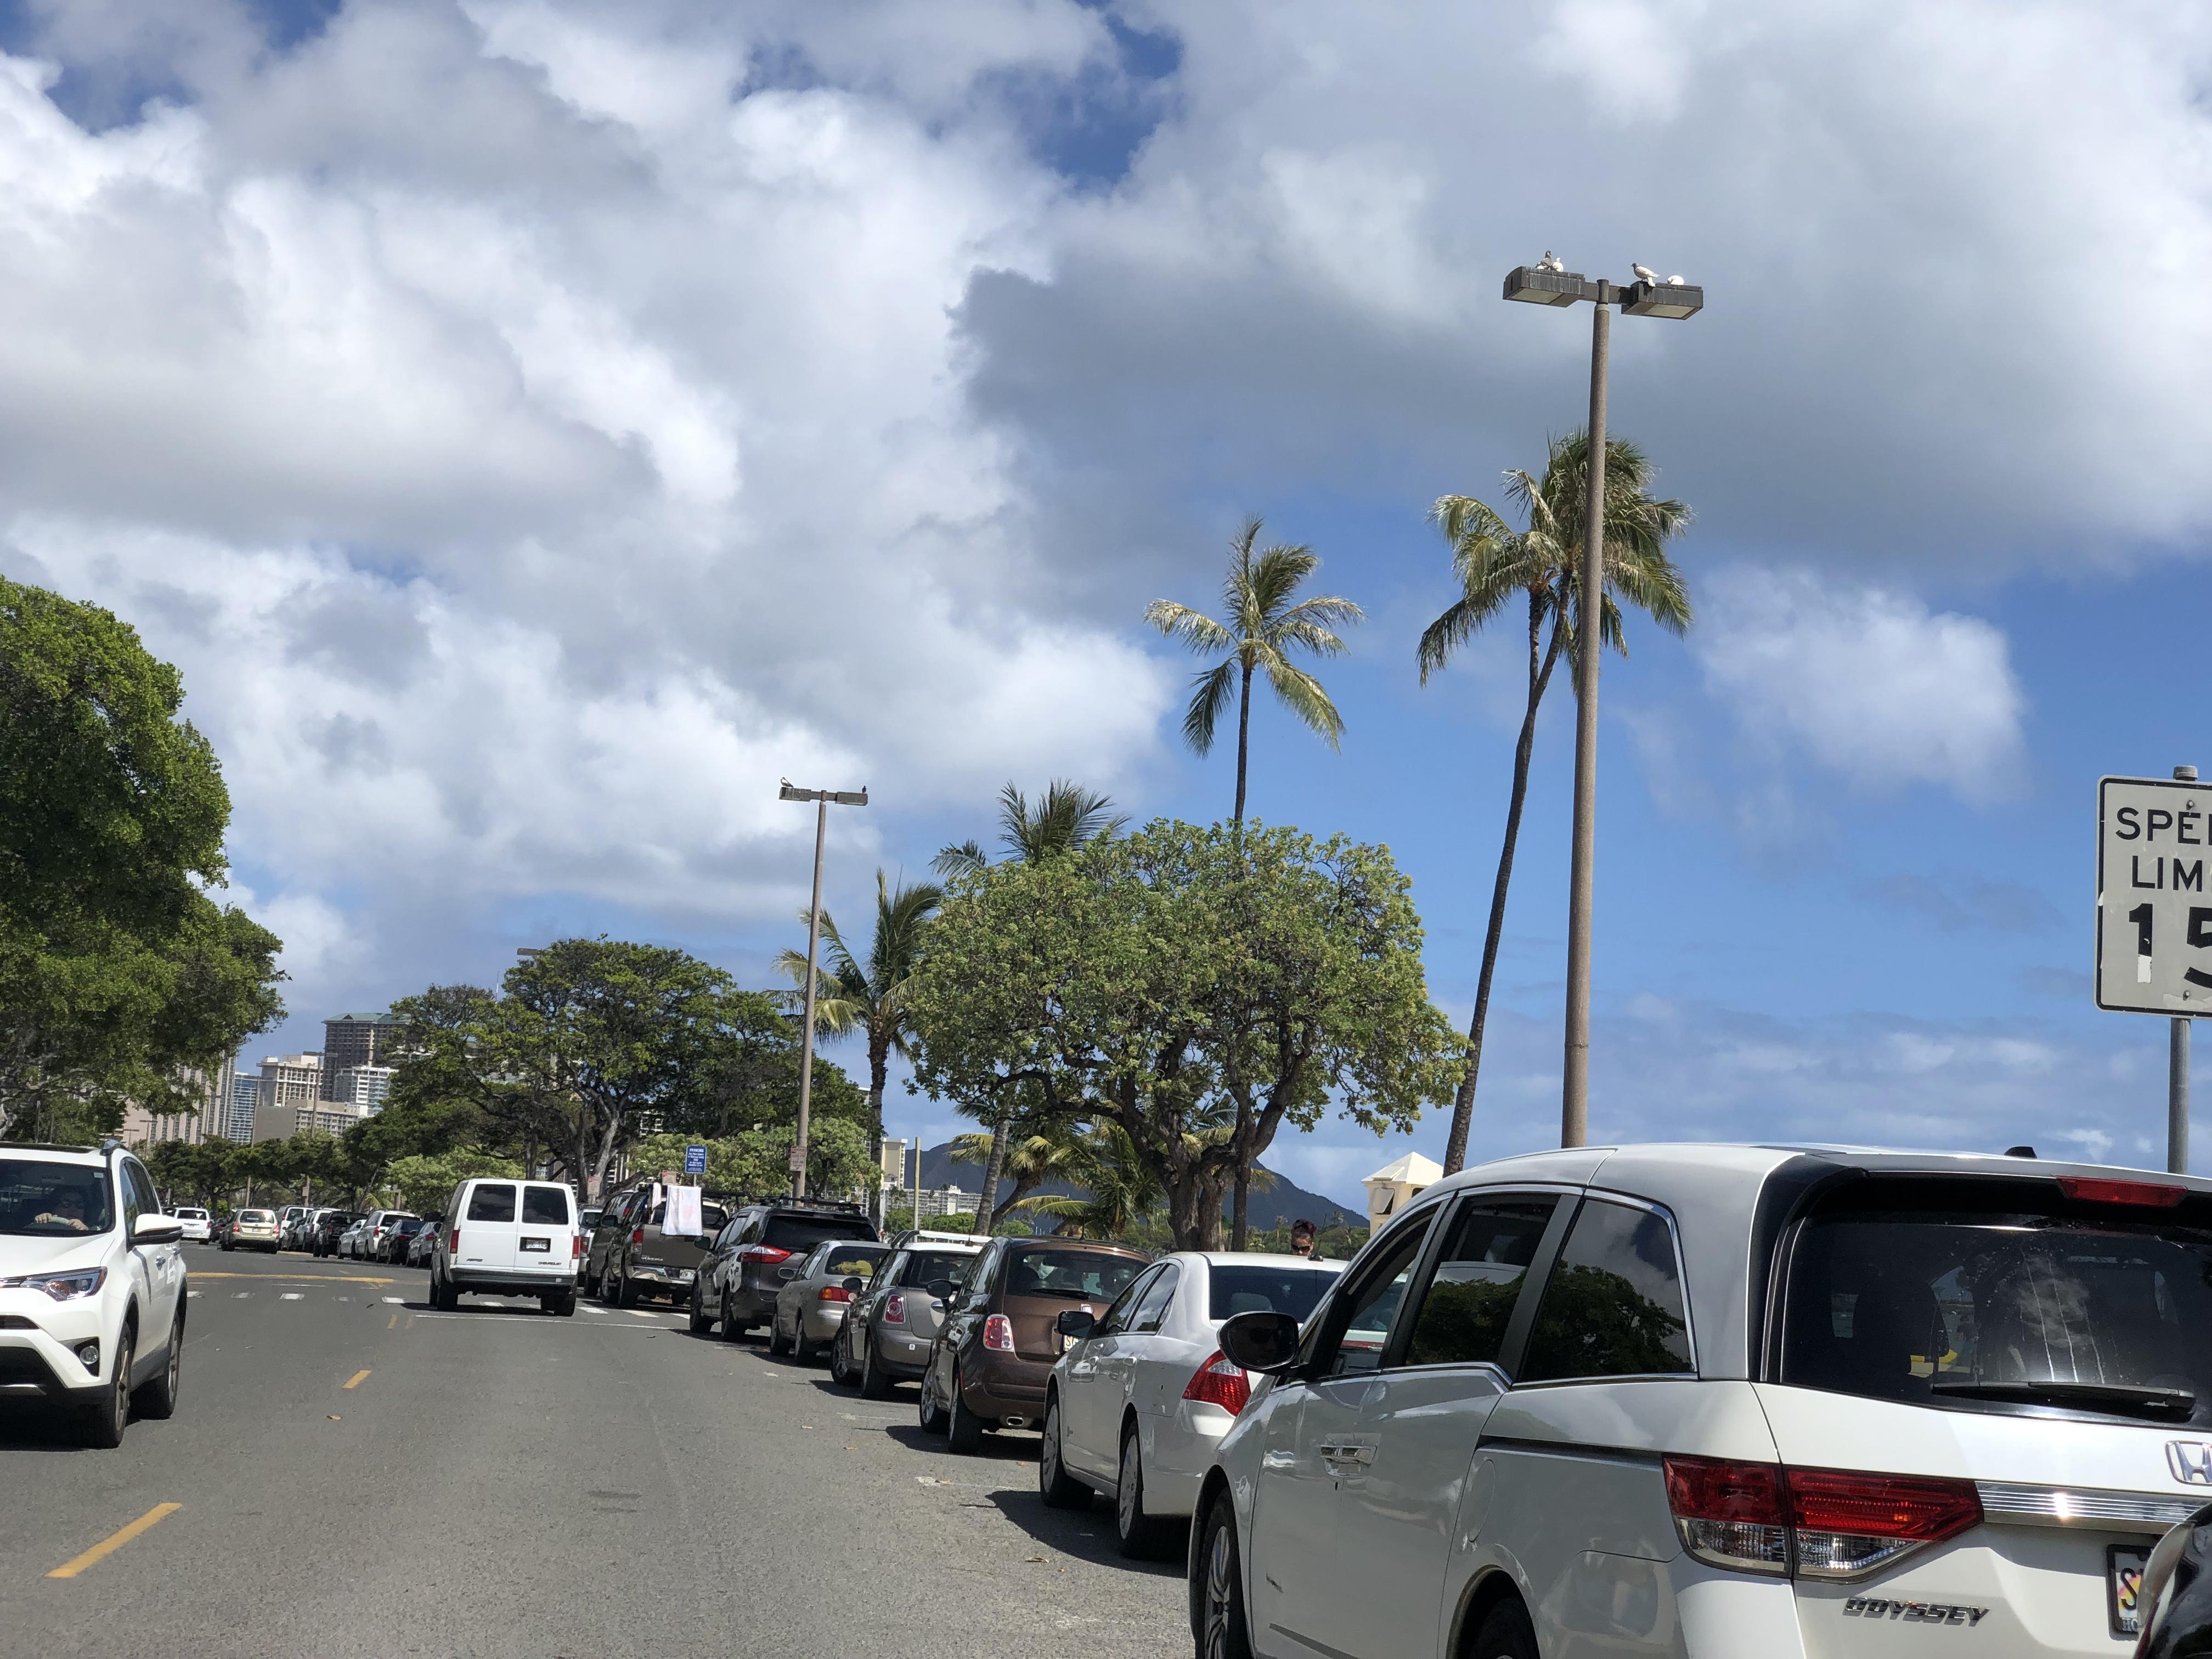 ハワイ・ホノルル(オアフ島)の治安・安全対策【2020年最新】危険エリアマップ・犯罪トラブル情報